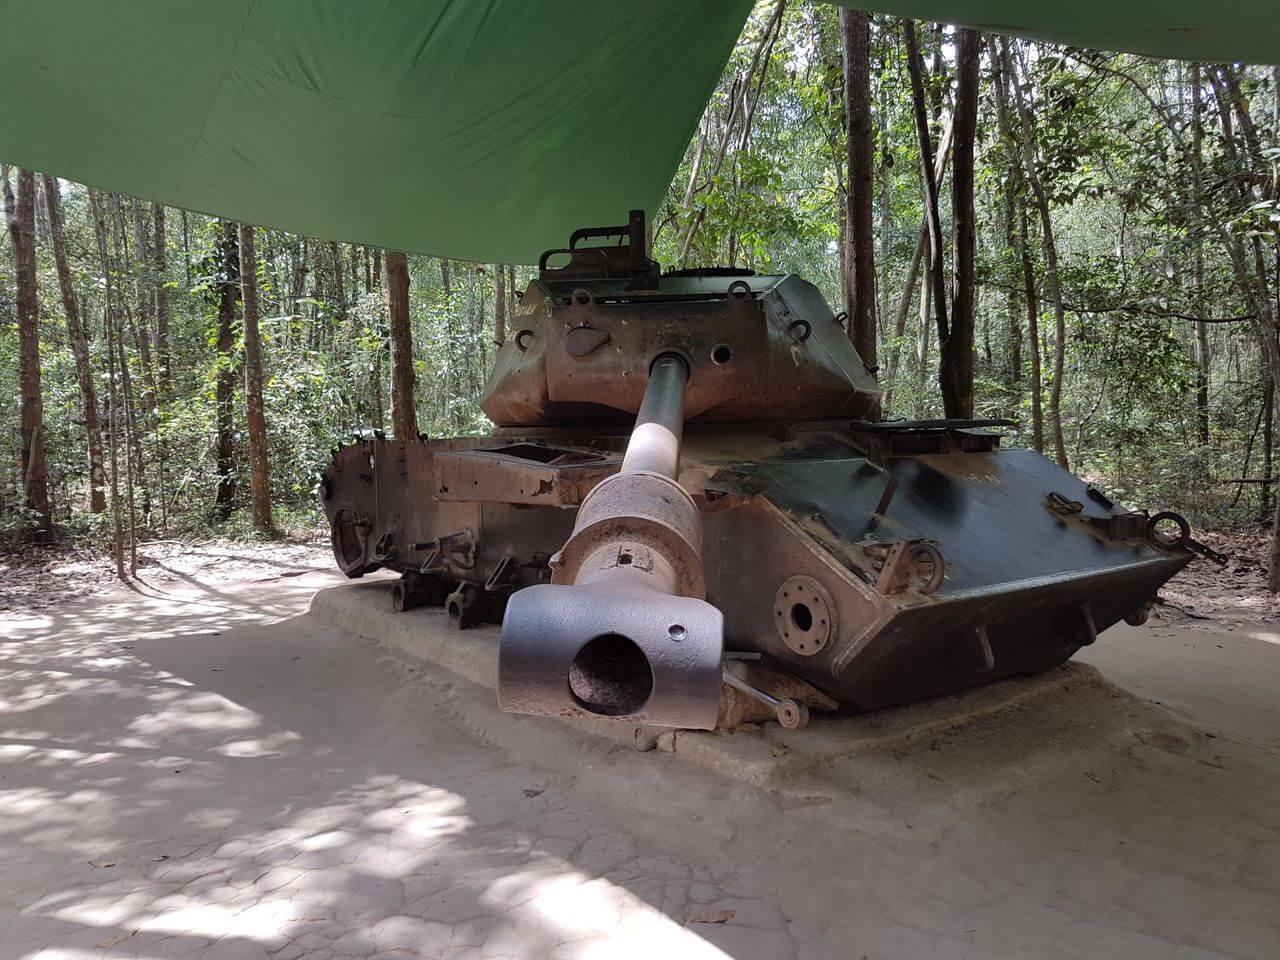 Tank of the Vietnam War